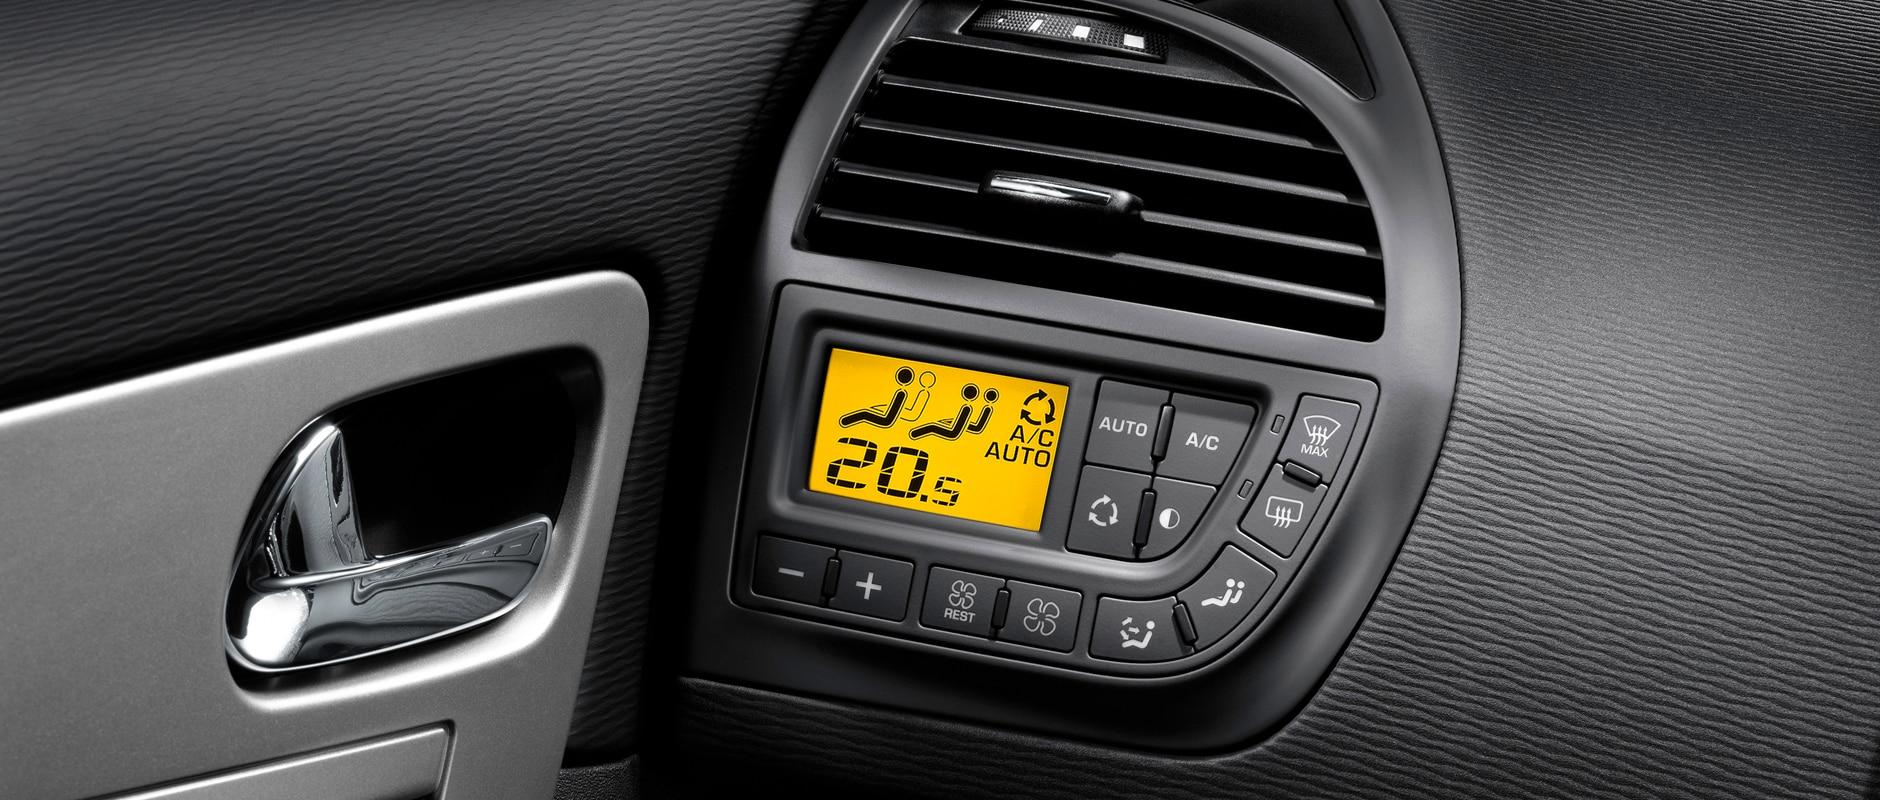 climatisation_automatique-citroen-C4-picasso